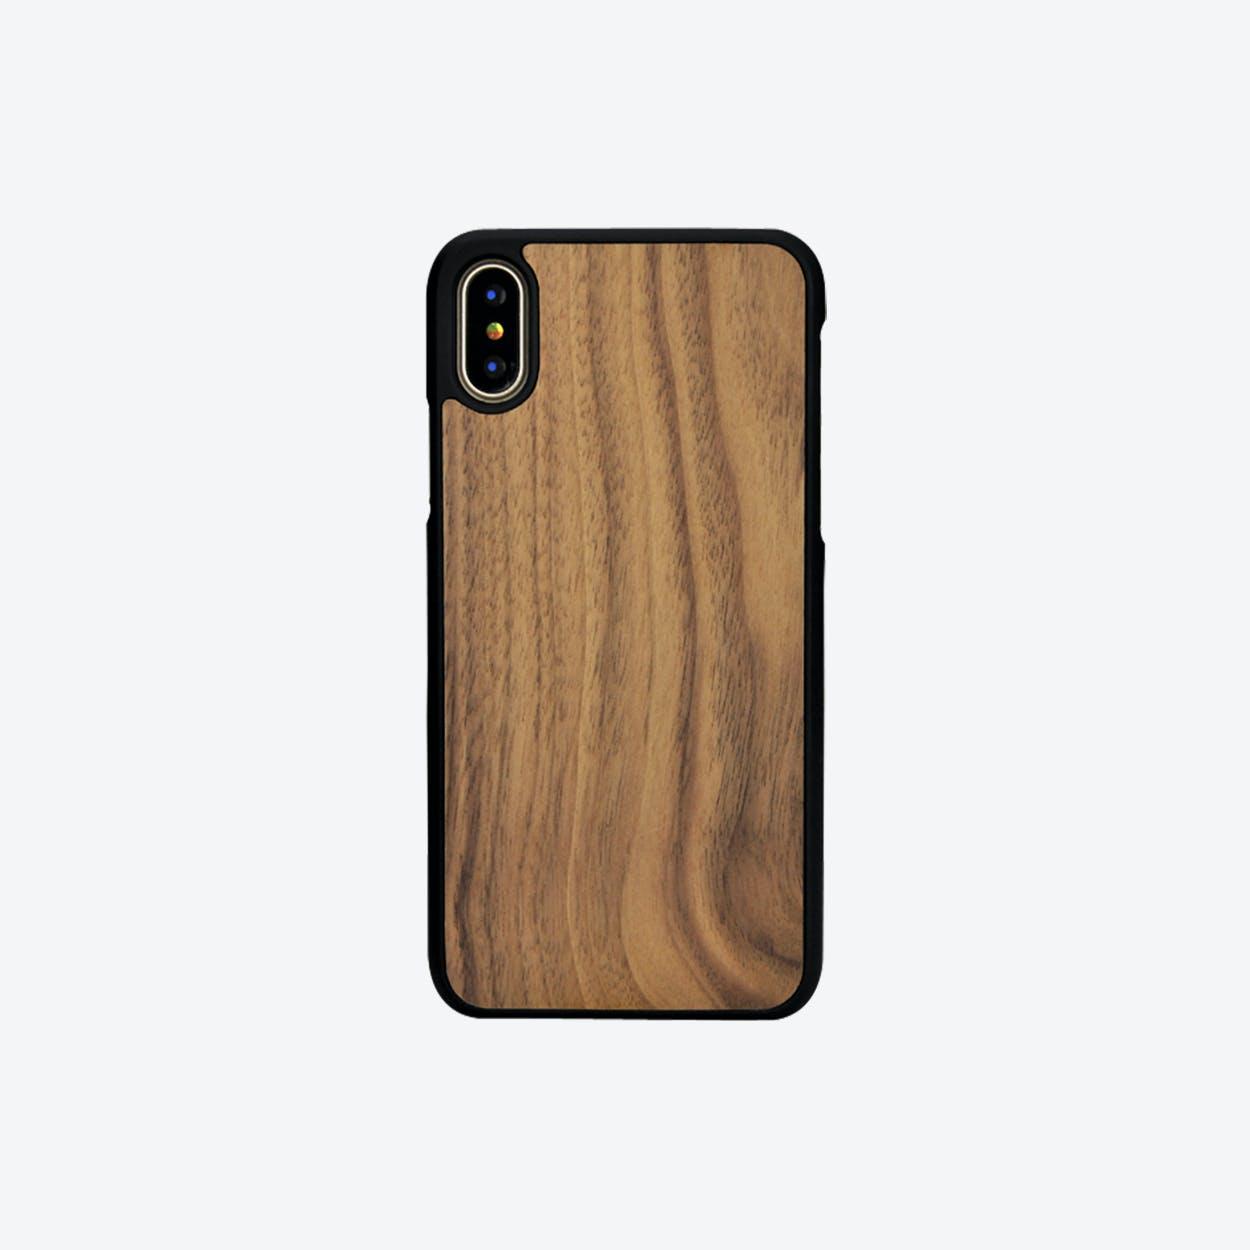 iPhone Bumper Case in Walnut